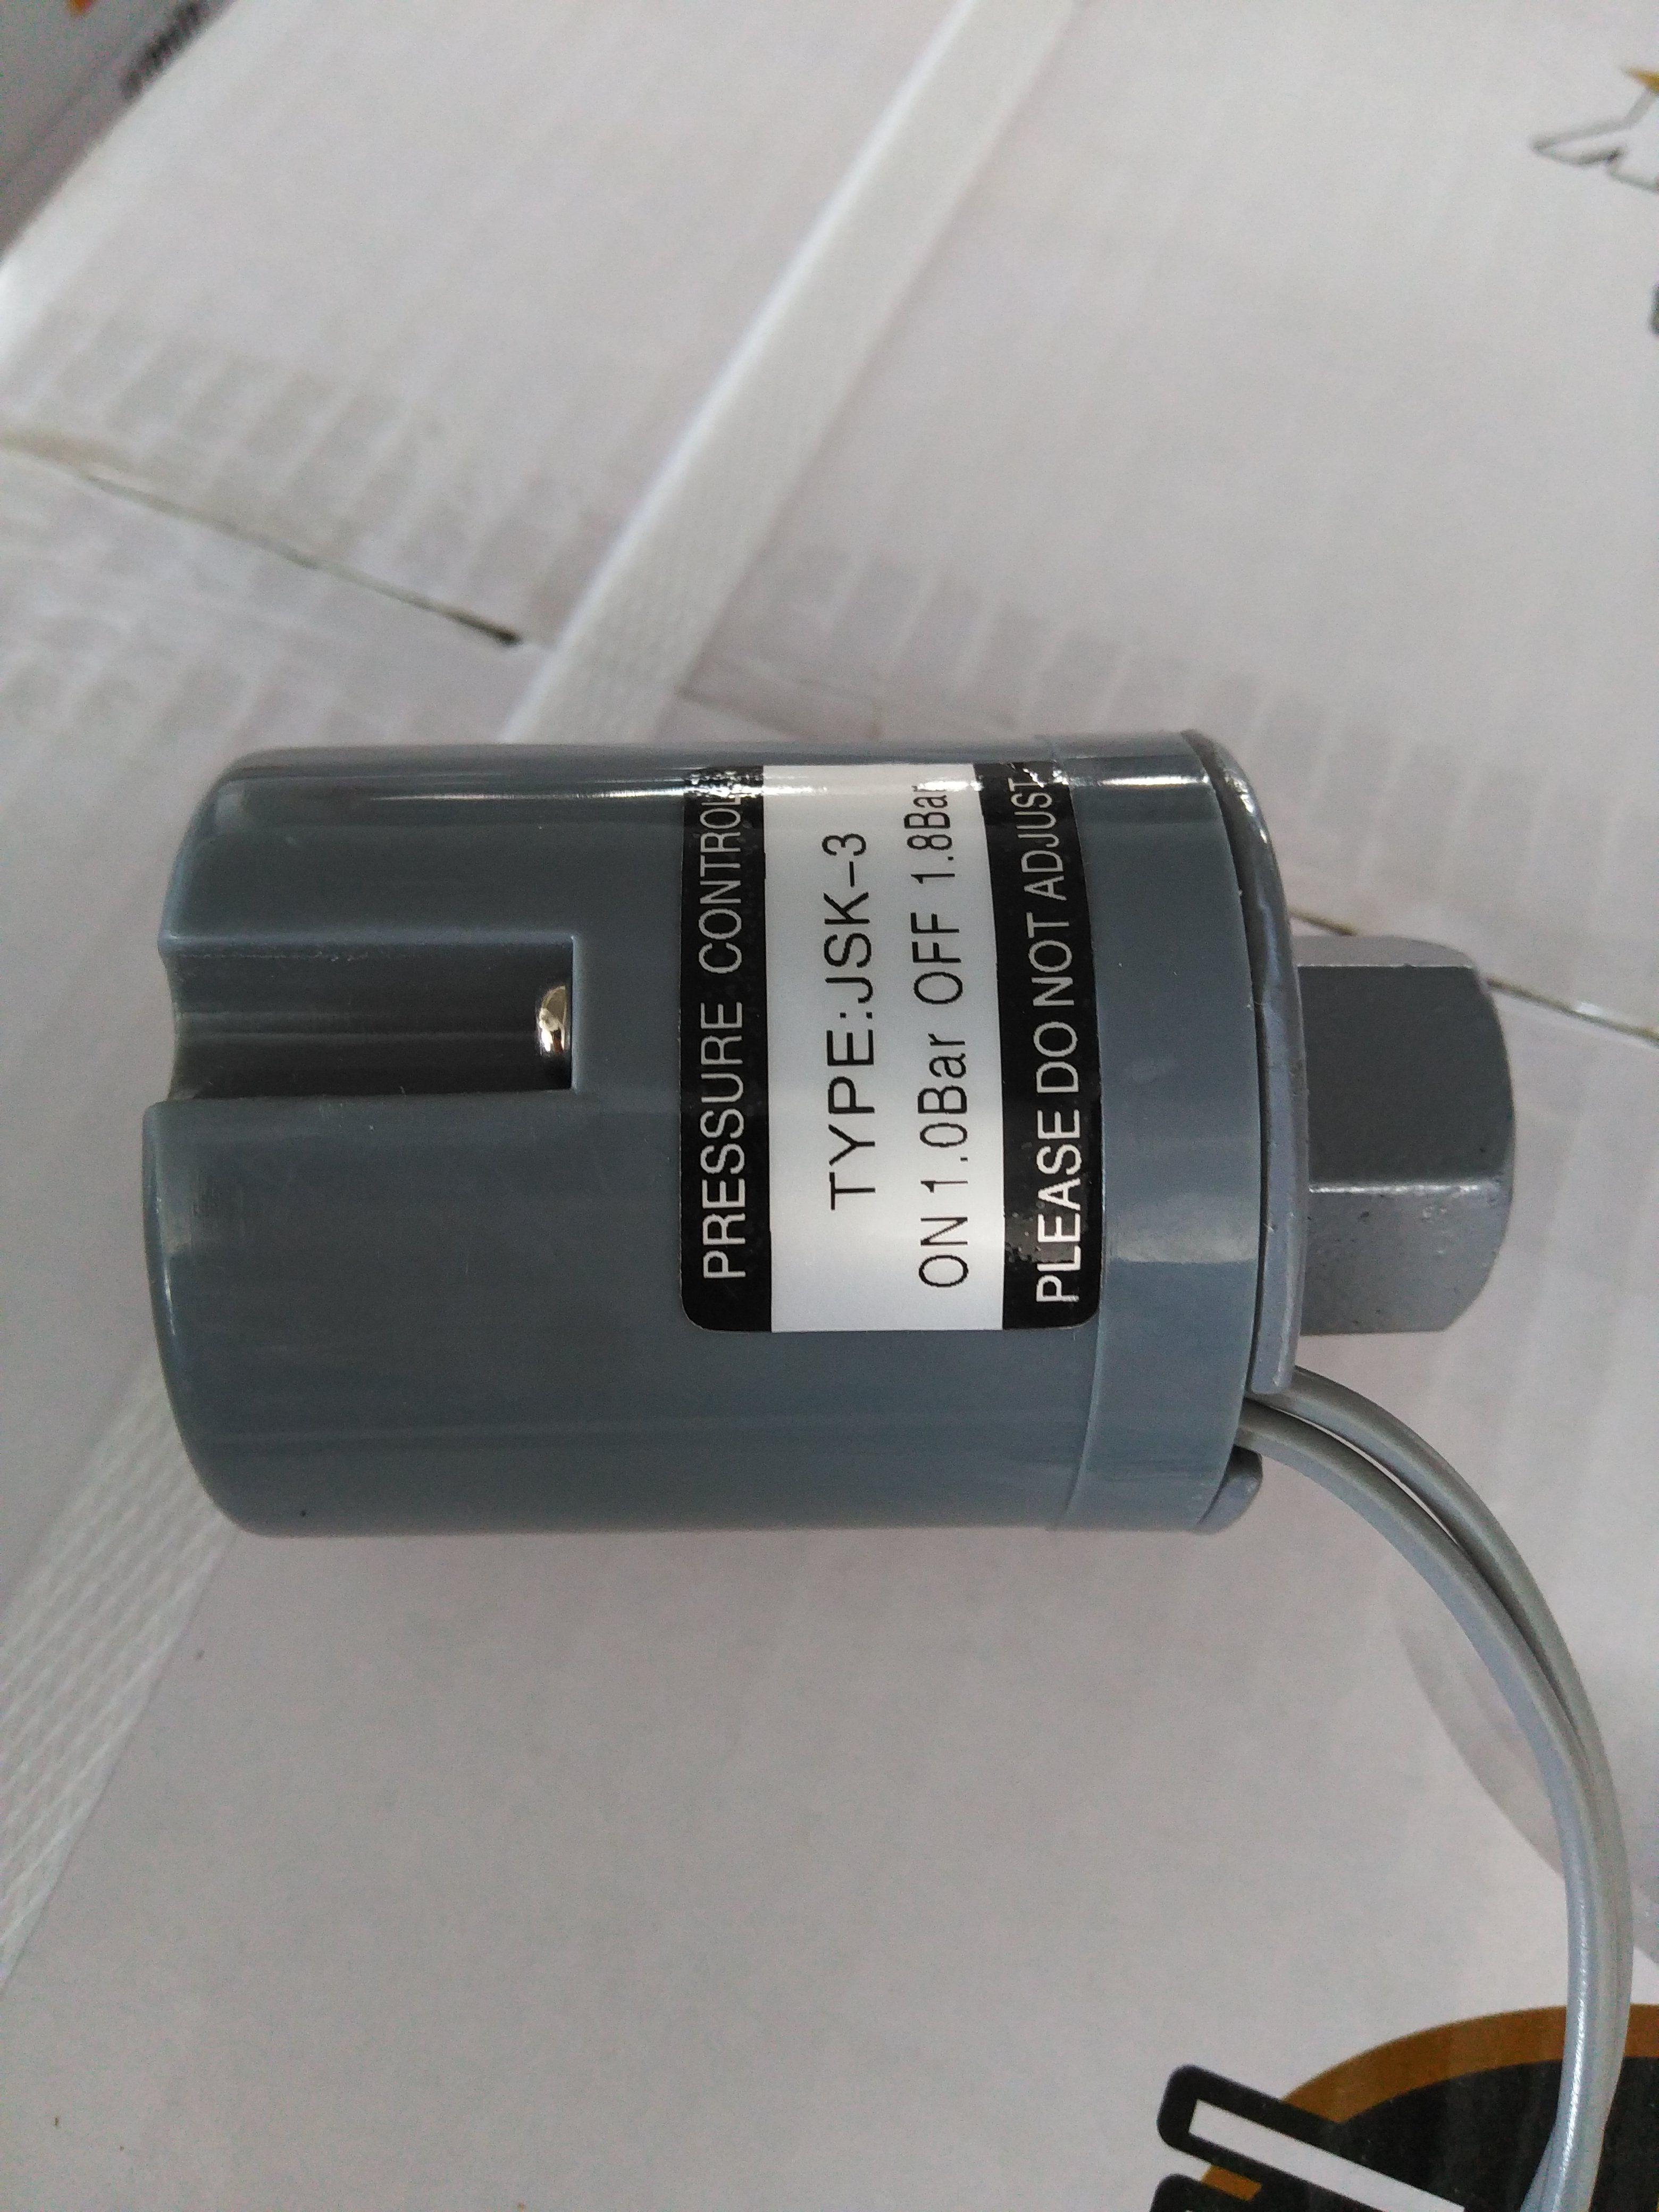 Eletrônicos de auto interruptor de pressão ajustável, auto - Bomba de sucção Da Bomba de água, Bomba de água, controlador de pressão ajustável